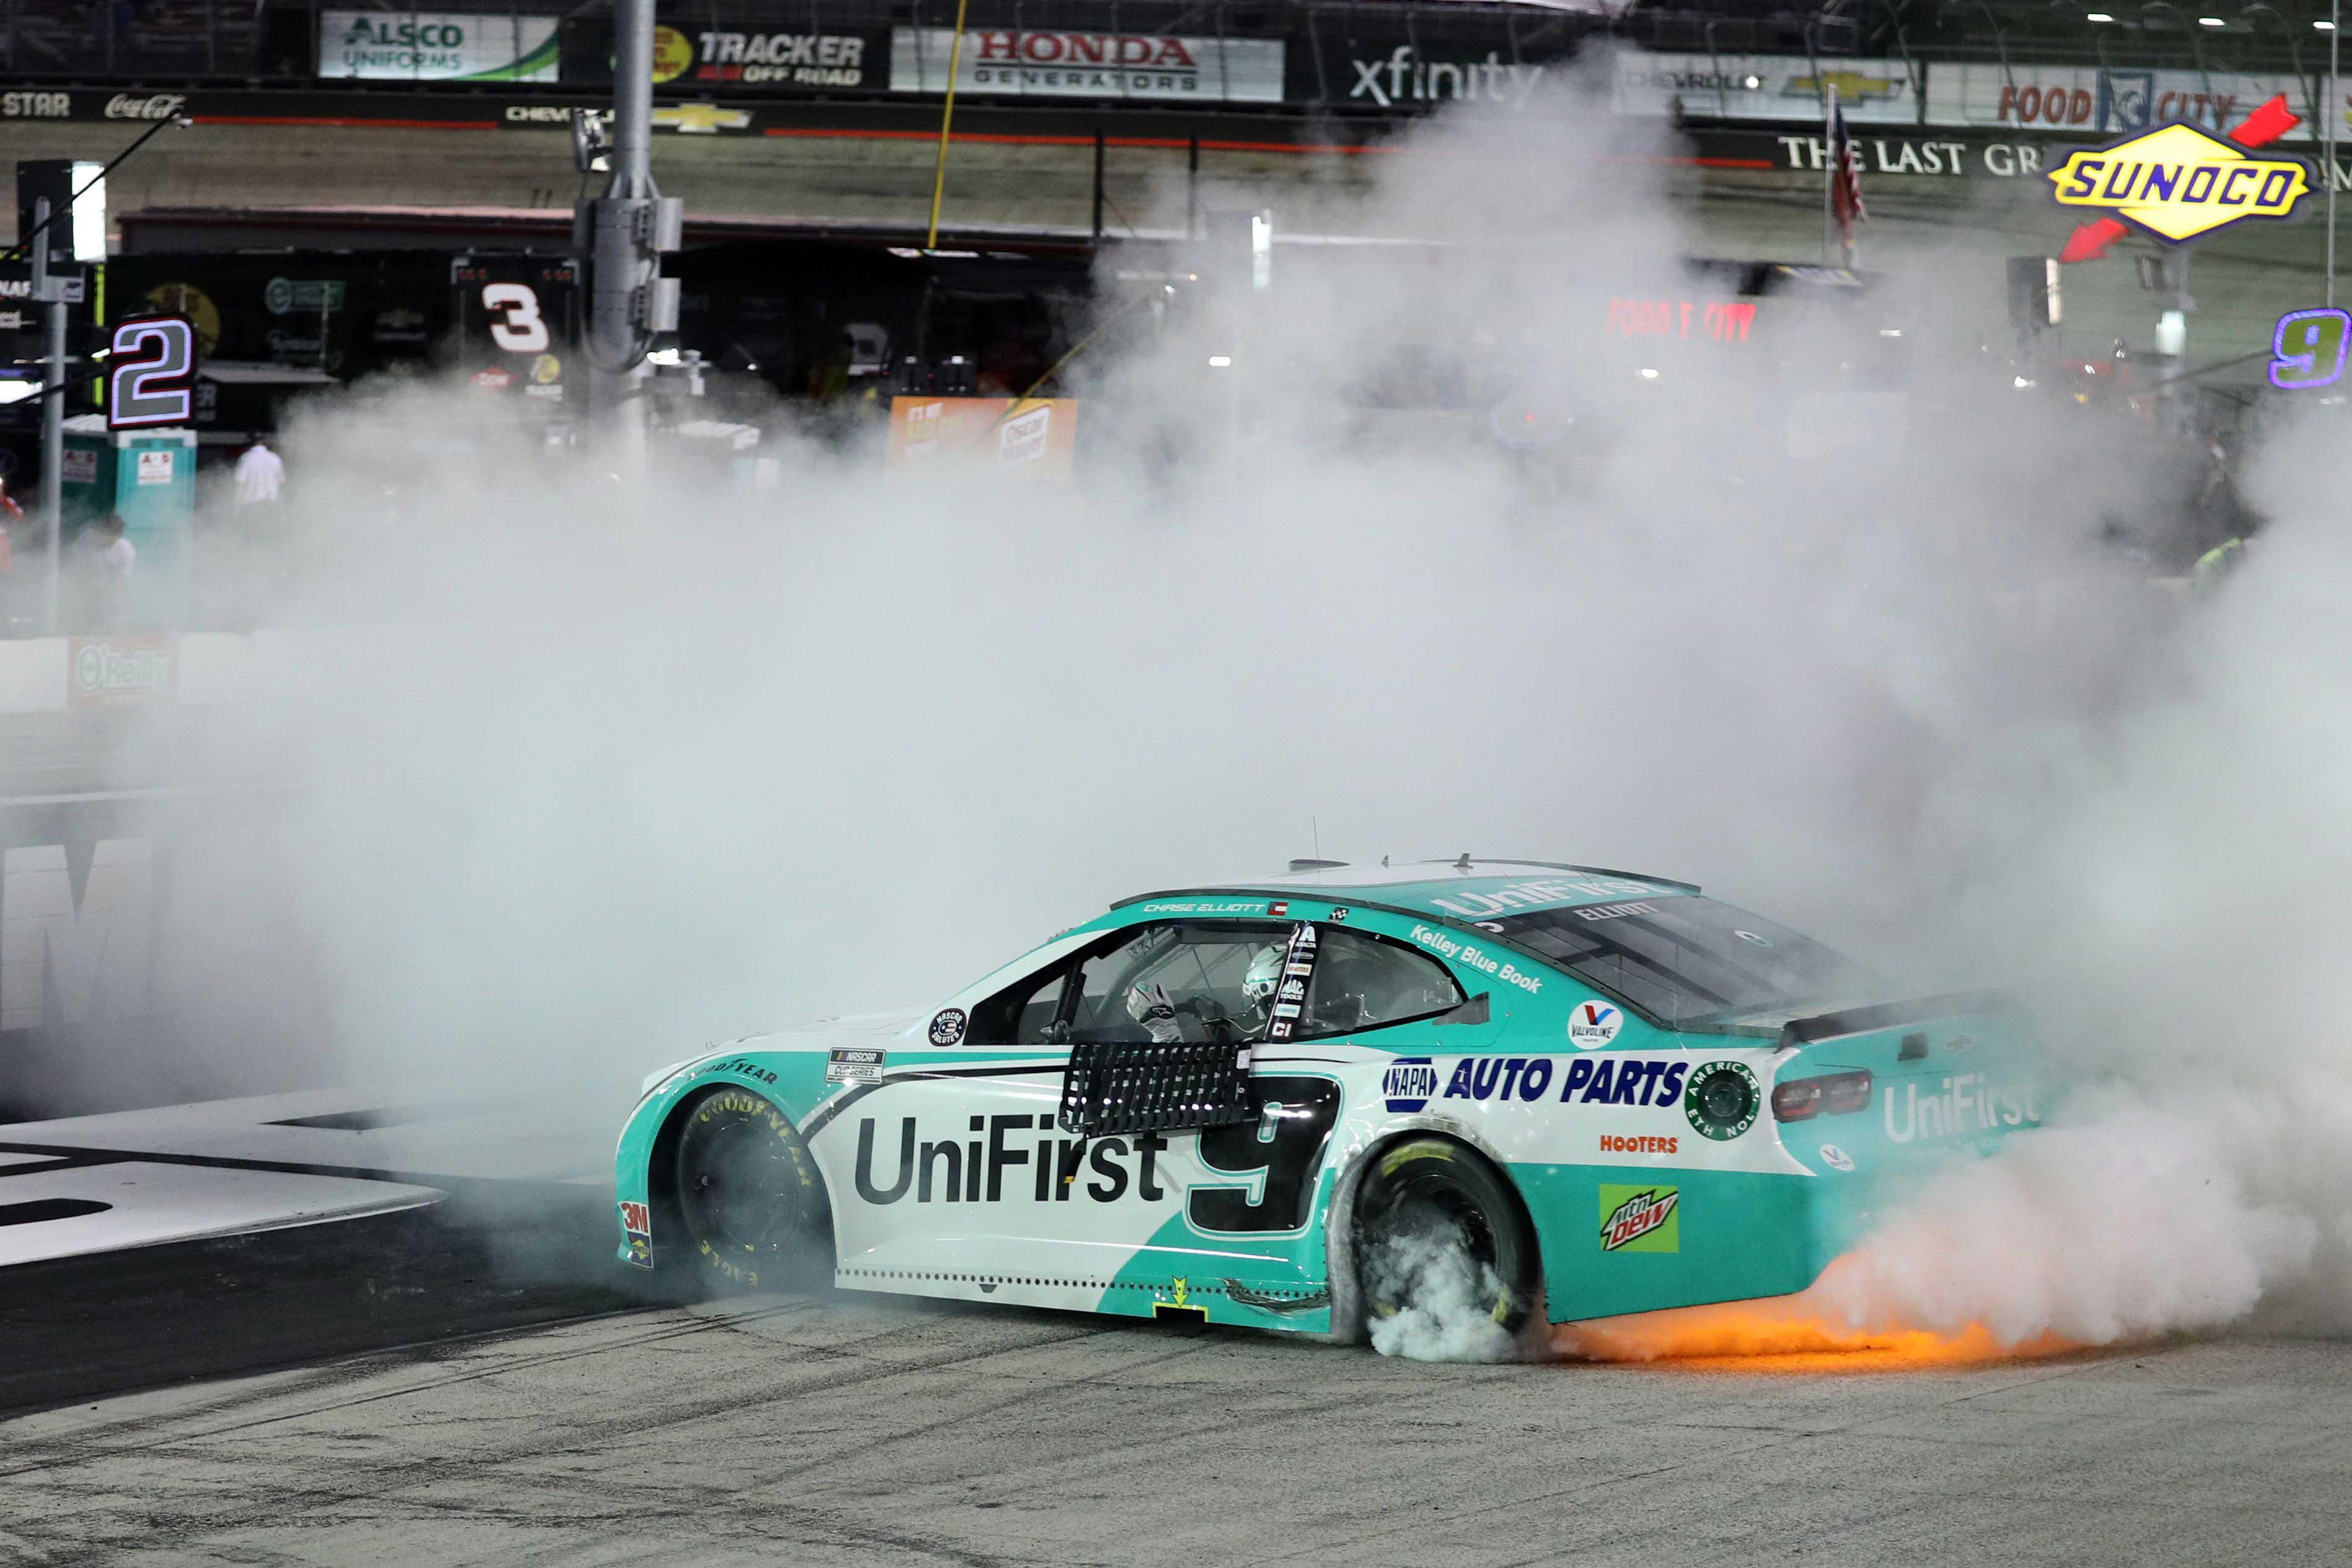 Chase Elliott wins at Bristol Motor Speedway - Burnout - Underglow lights